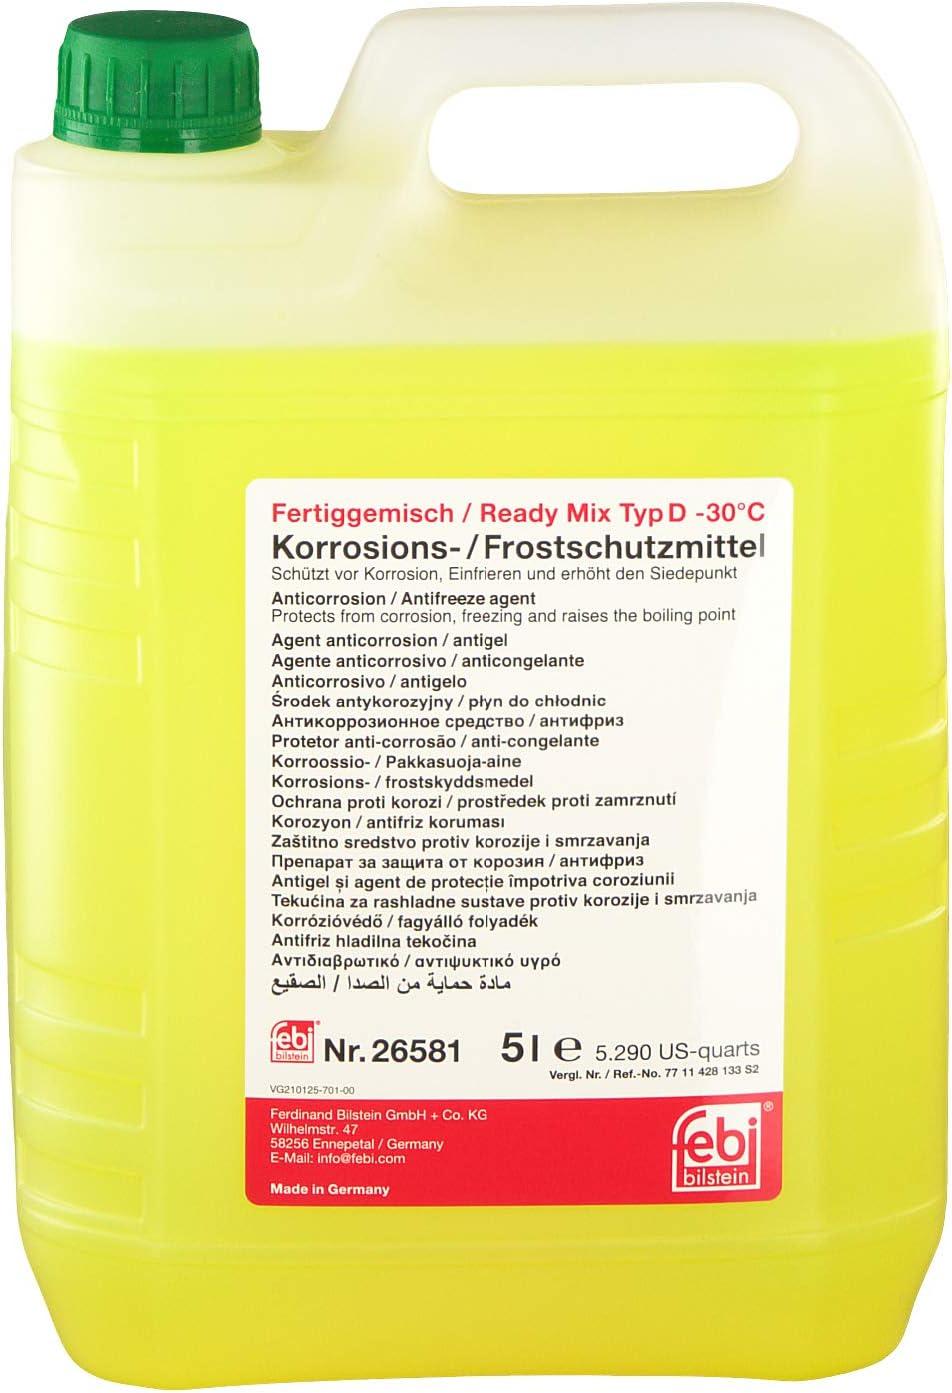 Febi Bilstein 26581 Frostschutzmittel Ready Mix 30 C 5 Liter Auto